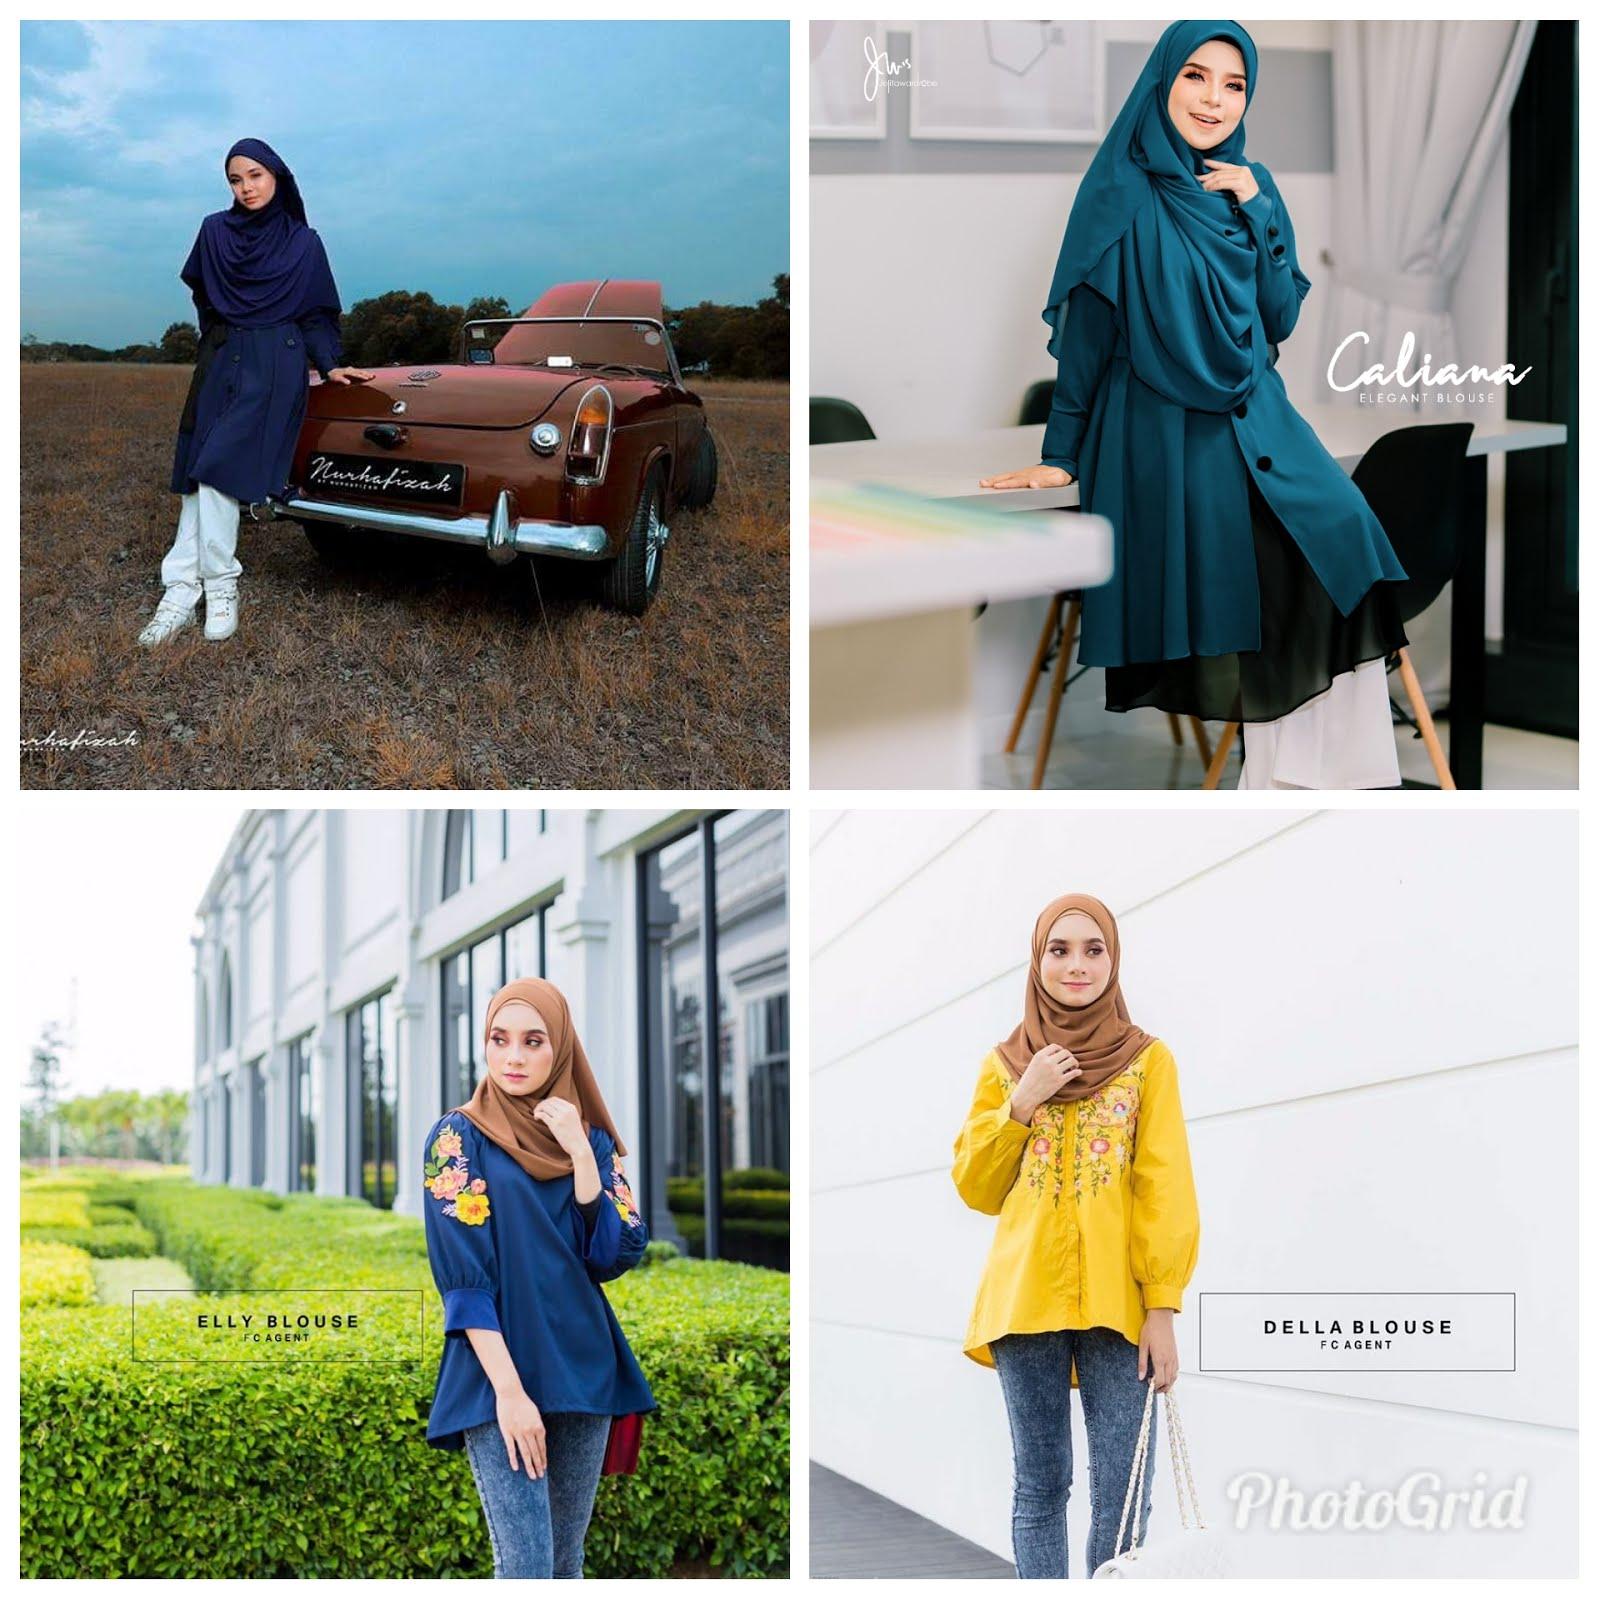 Pelbagai jenis koleksi blouse dan tunic semua cantik menawan